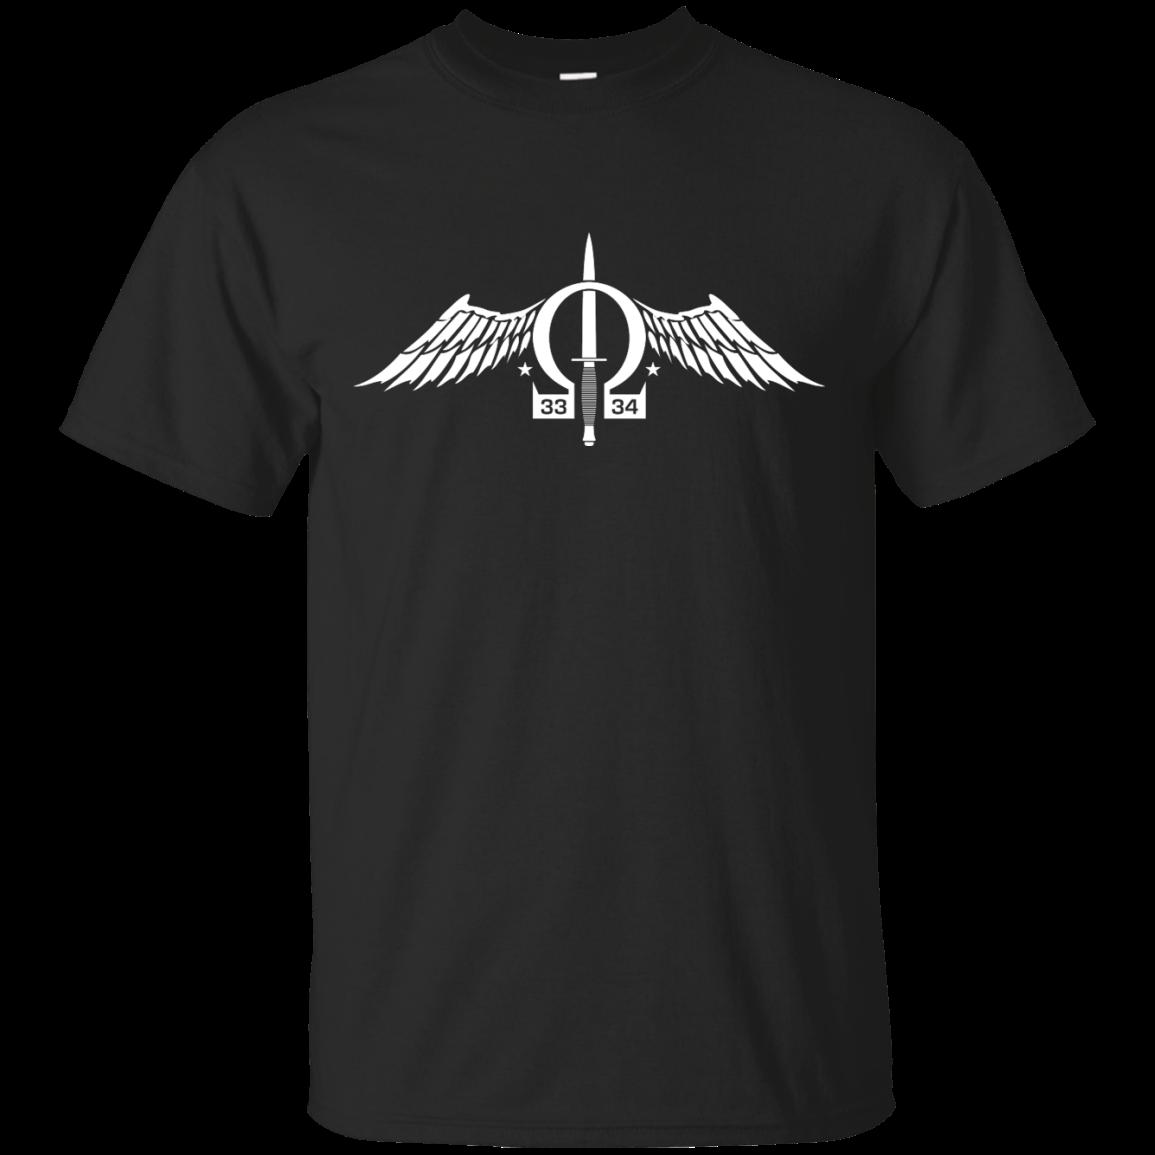 3334 T Shirt